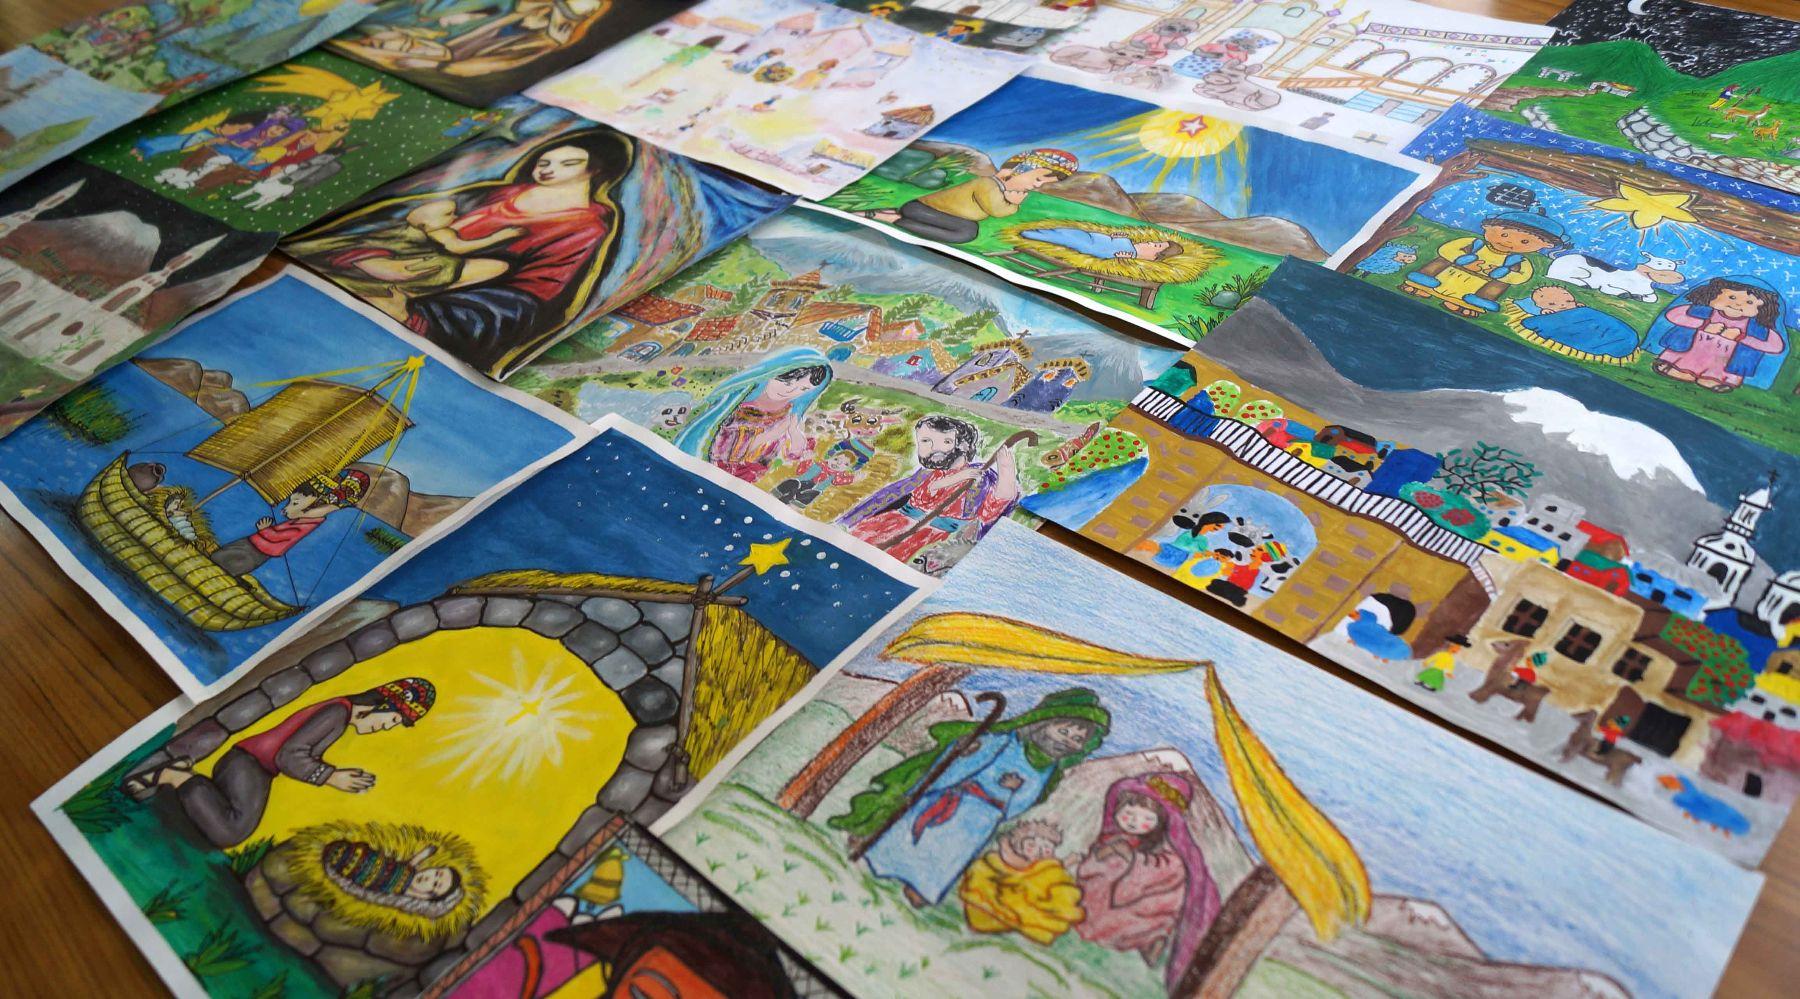 Inabif pone a la venta tarjetas navideas con dibujos hechos por